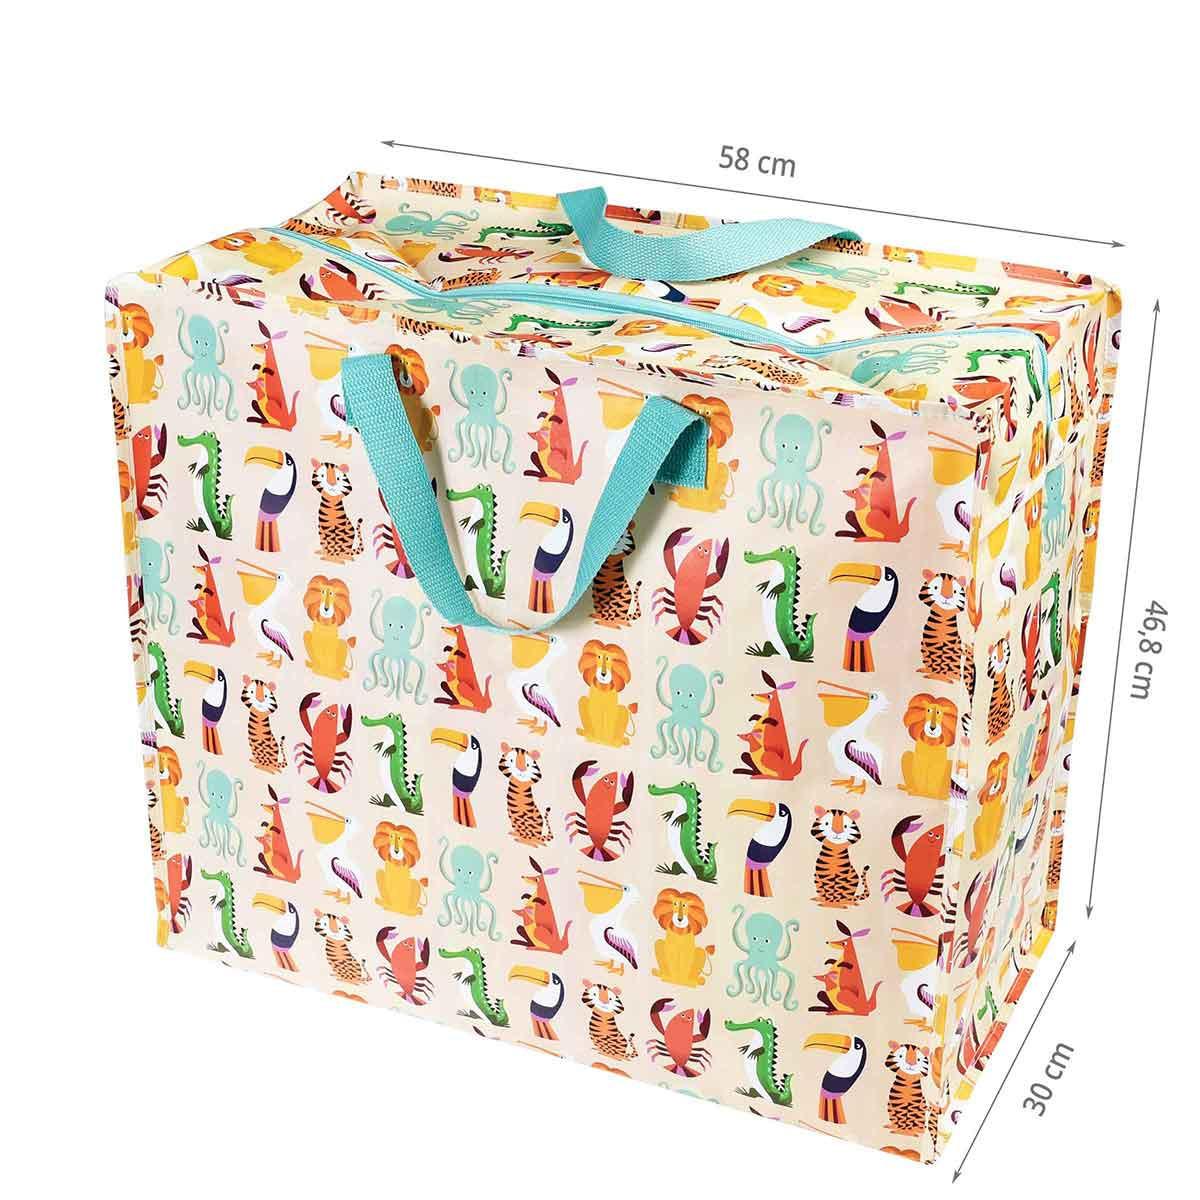 sac de rangement pour jouets et plage. Black Bedroom Furniture Sets. Home Design Ideas